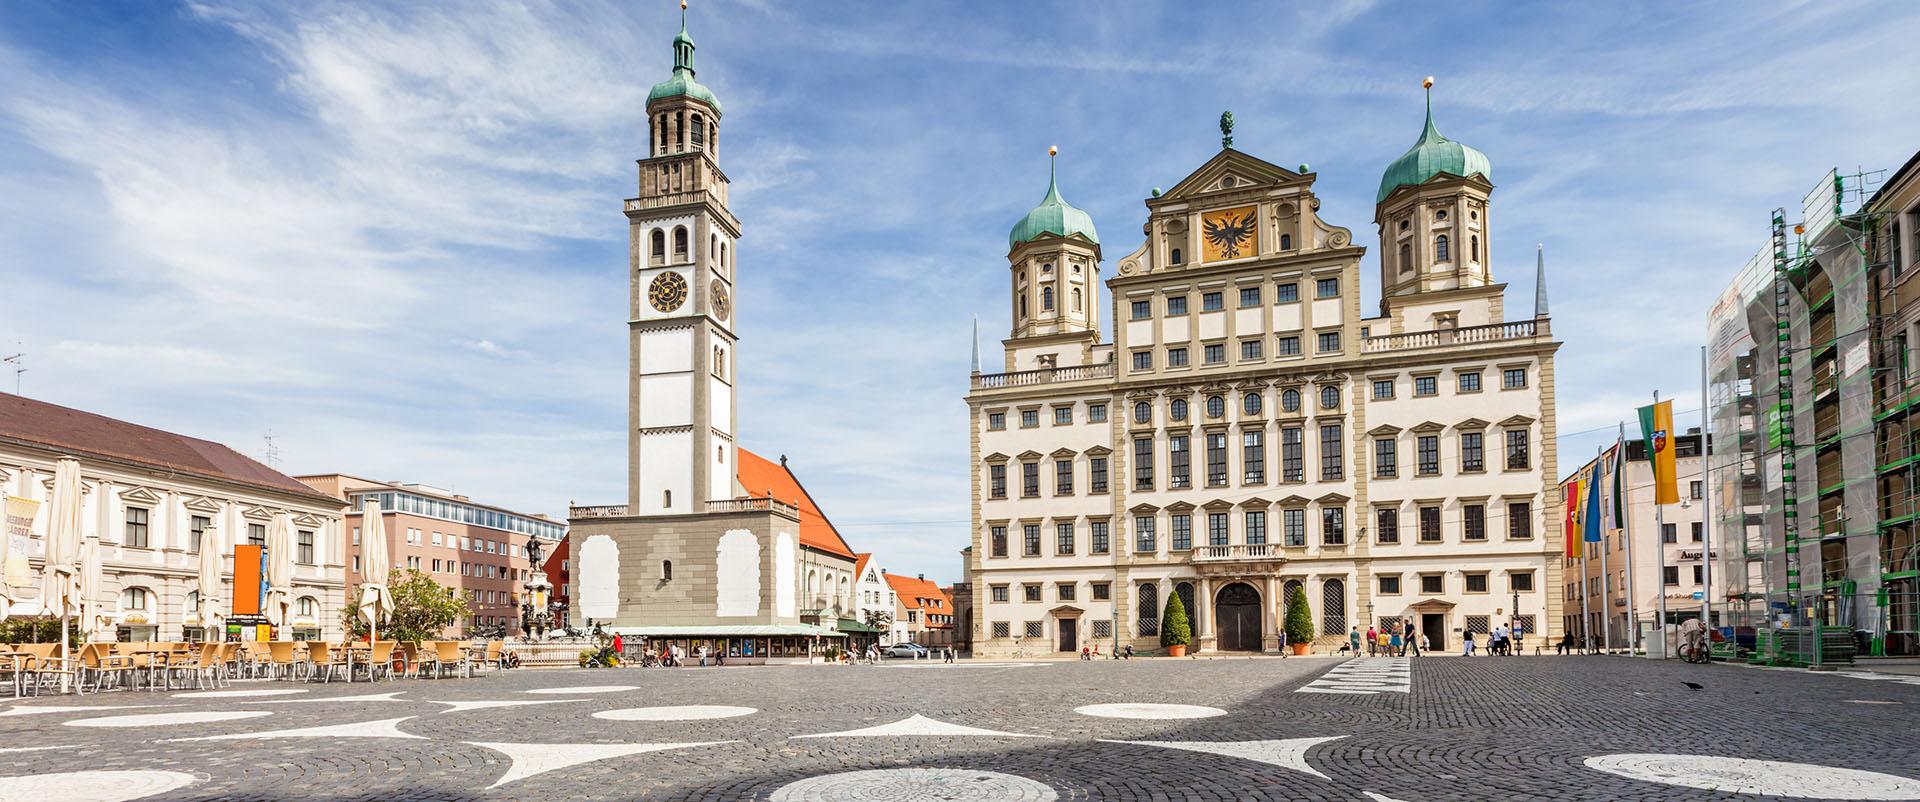 Gebrauchtwagen Augsburg